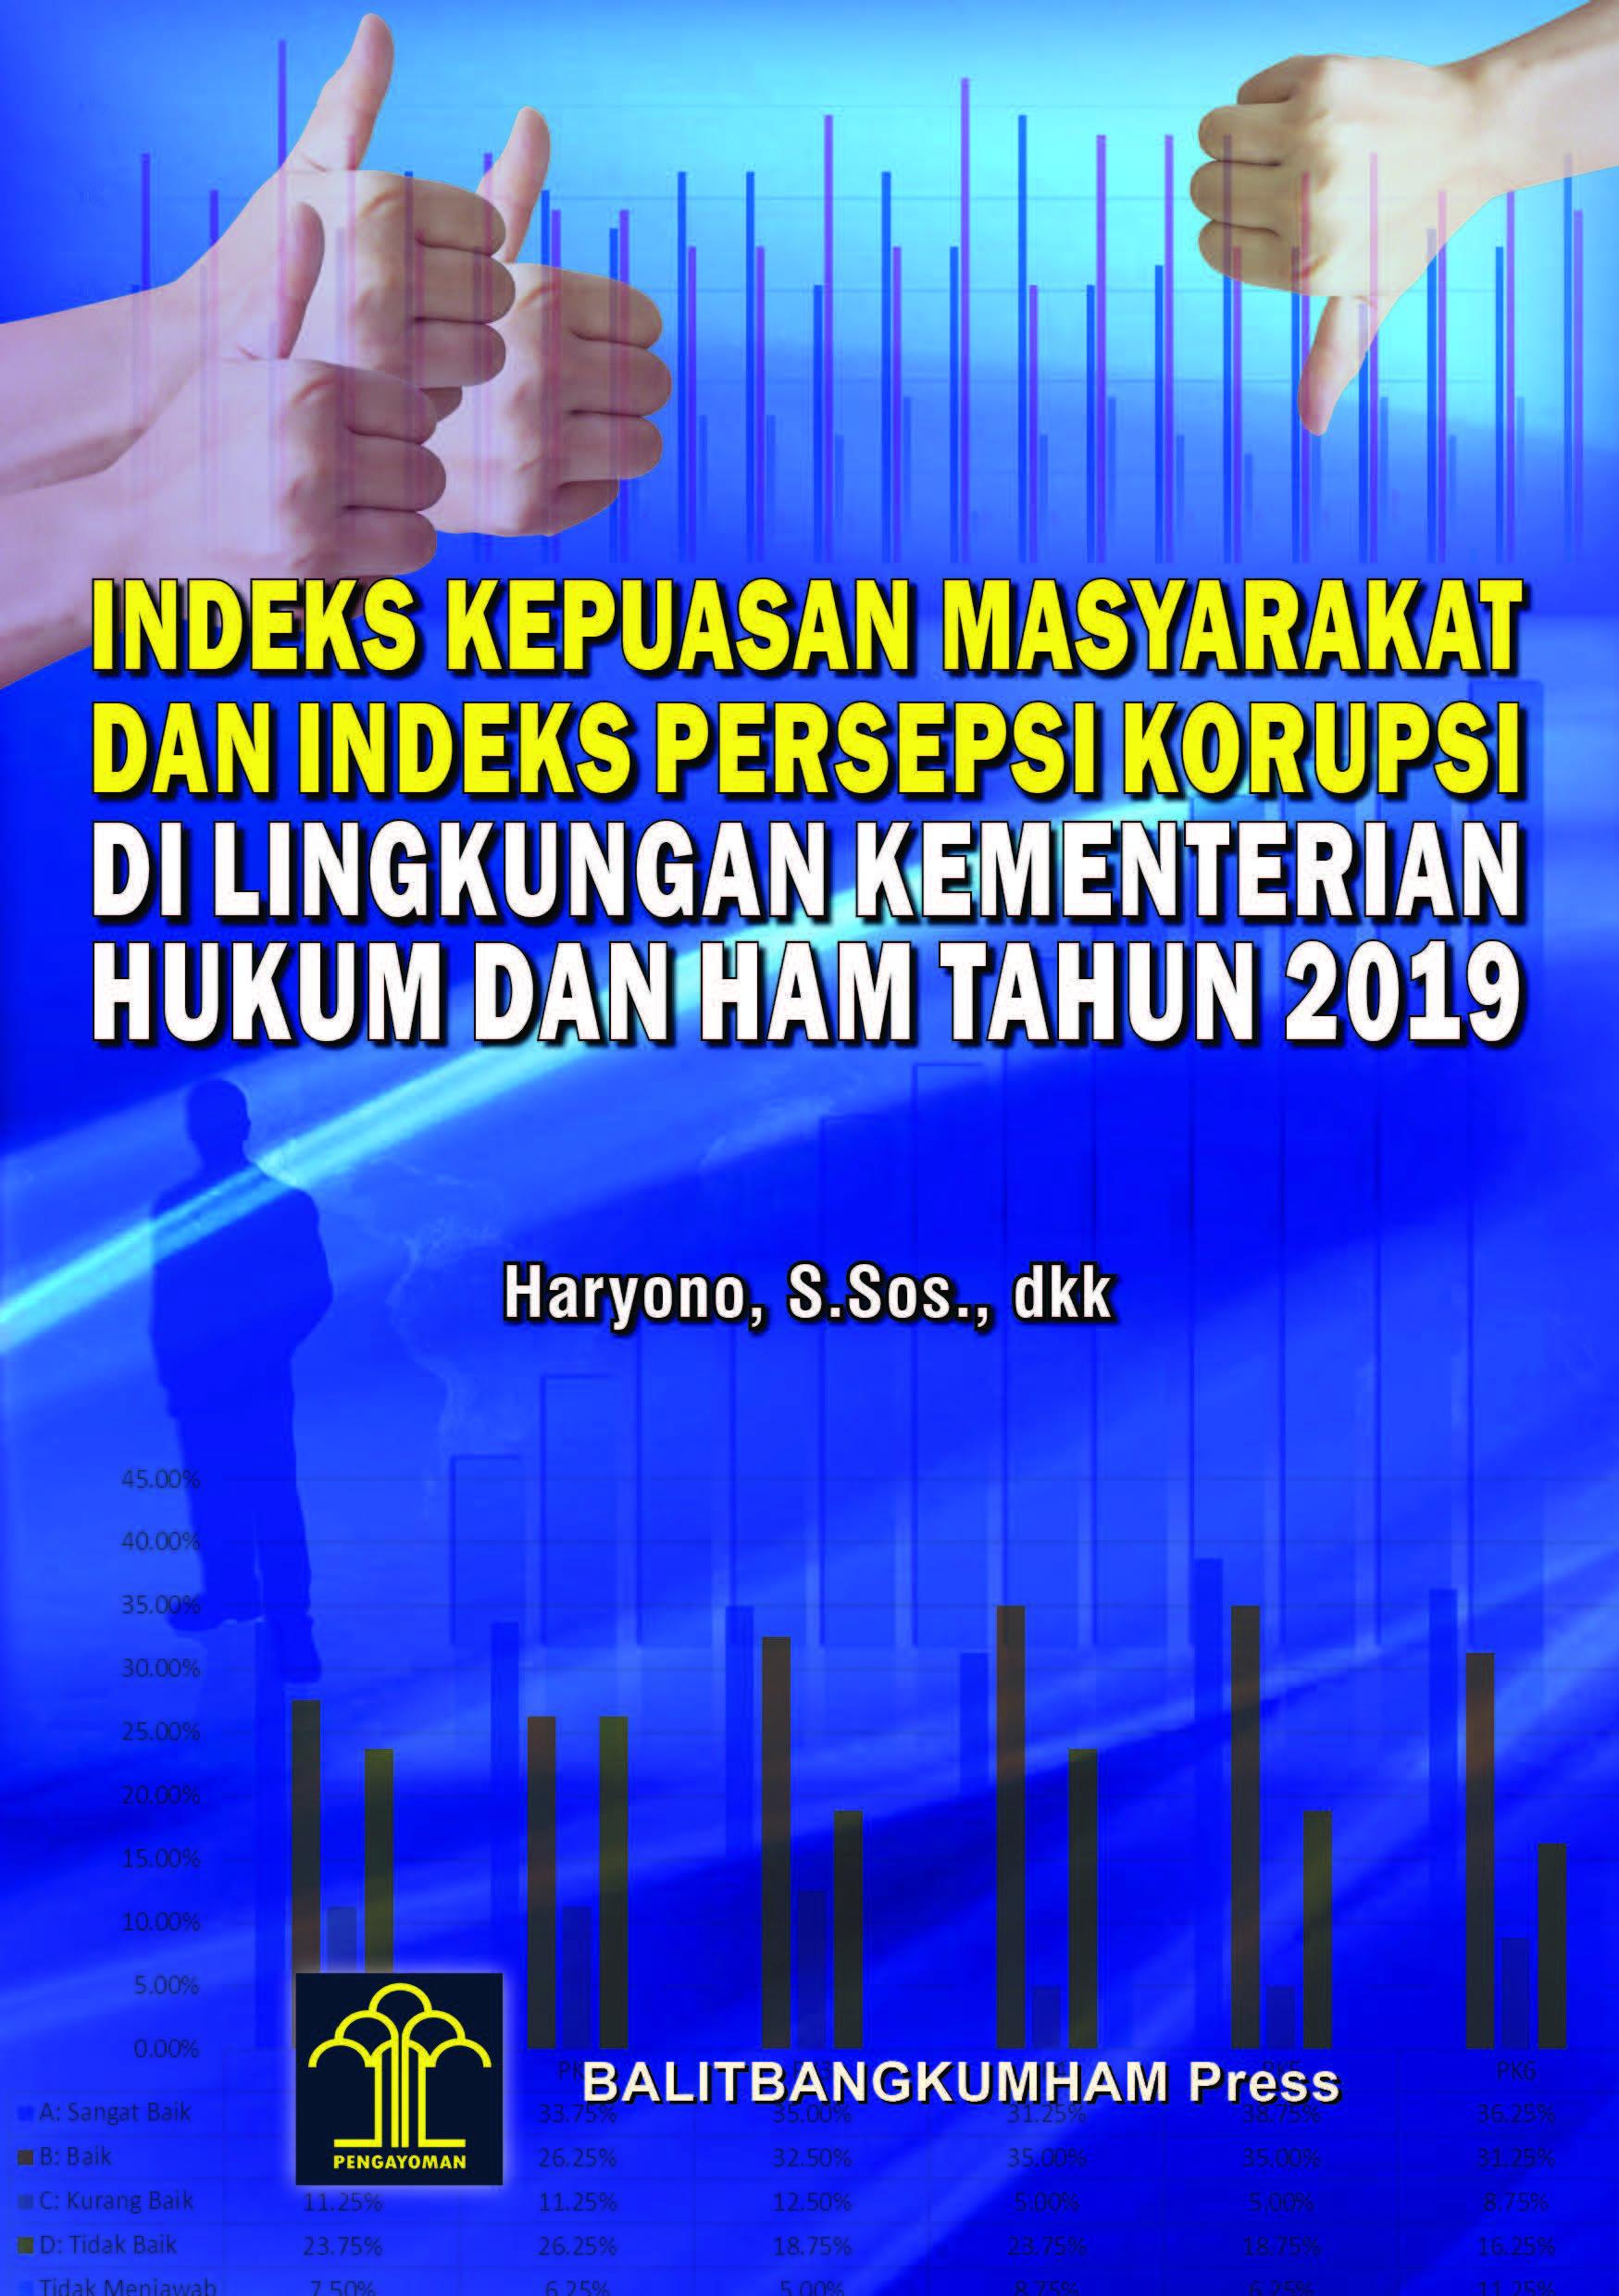 Indeks Kepuasan Masyarakat dan Indeks Persepsi Korupsi di Lingkungan Kementerian Hukum dan HAM Tahun 2019